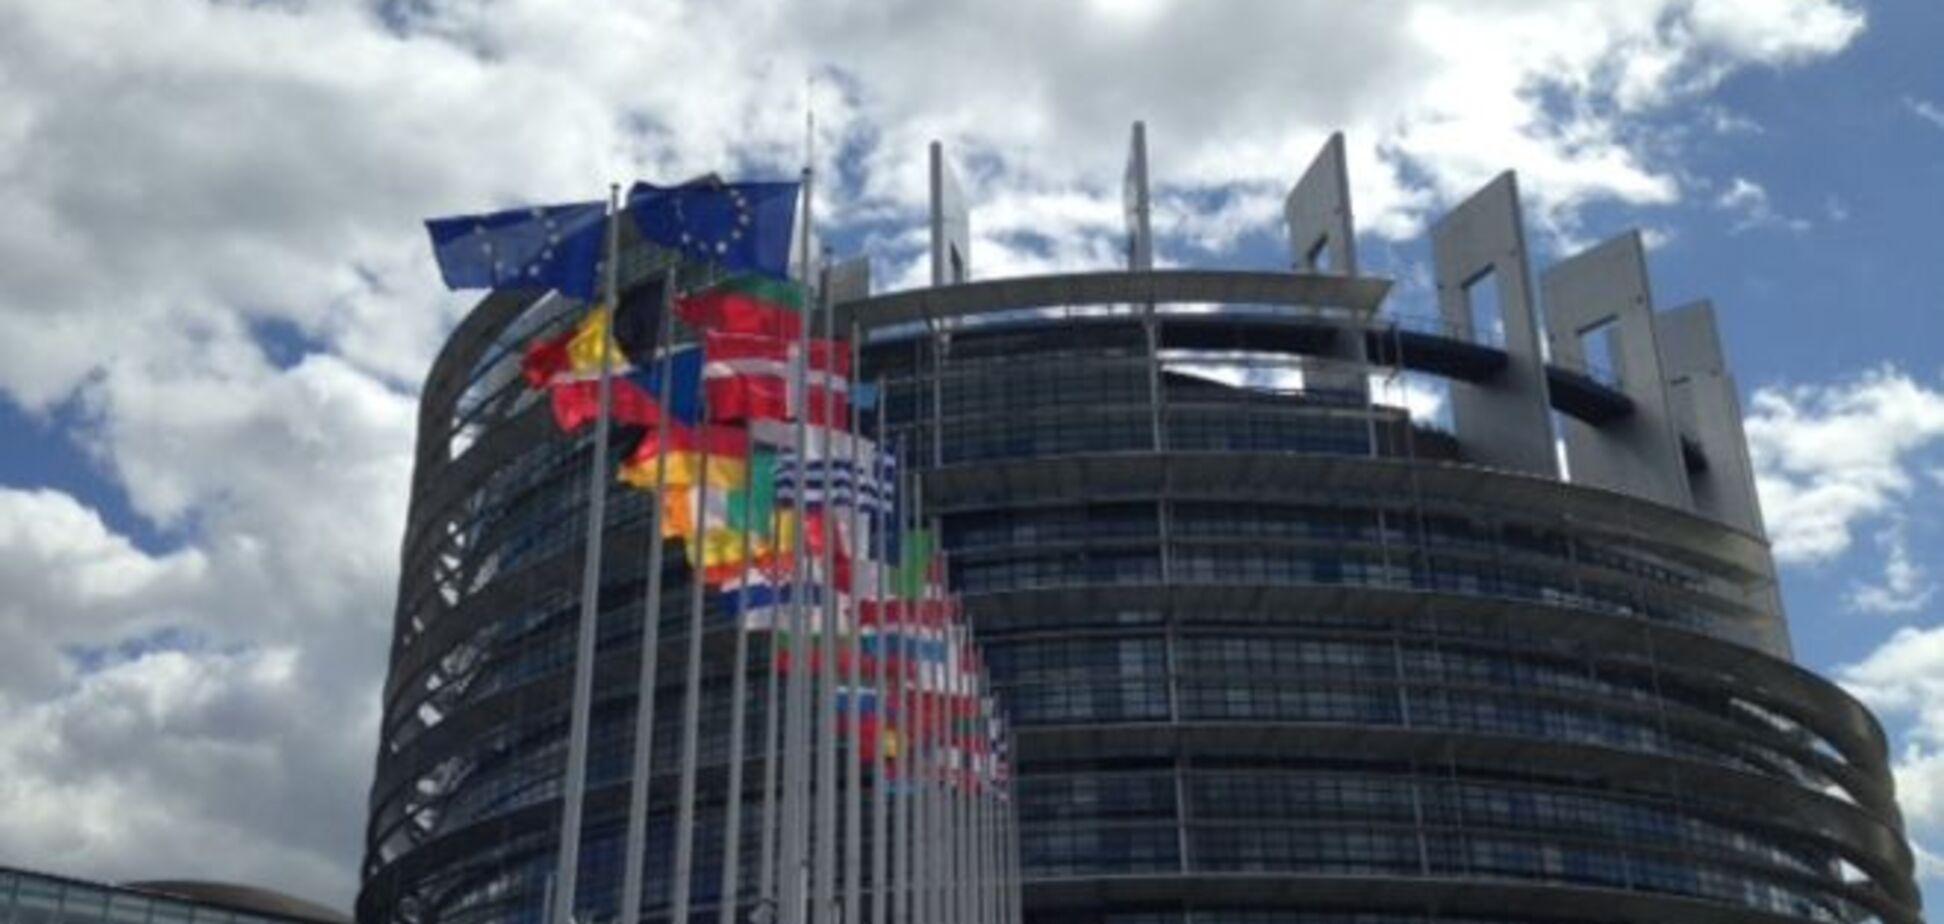 ЄП звернулася до Гаазького трибуналу з приводу Криму і Донбасу